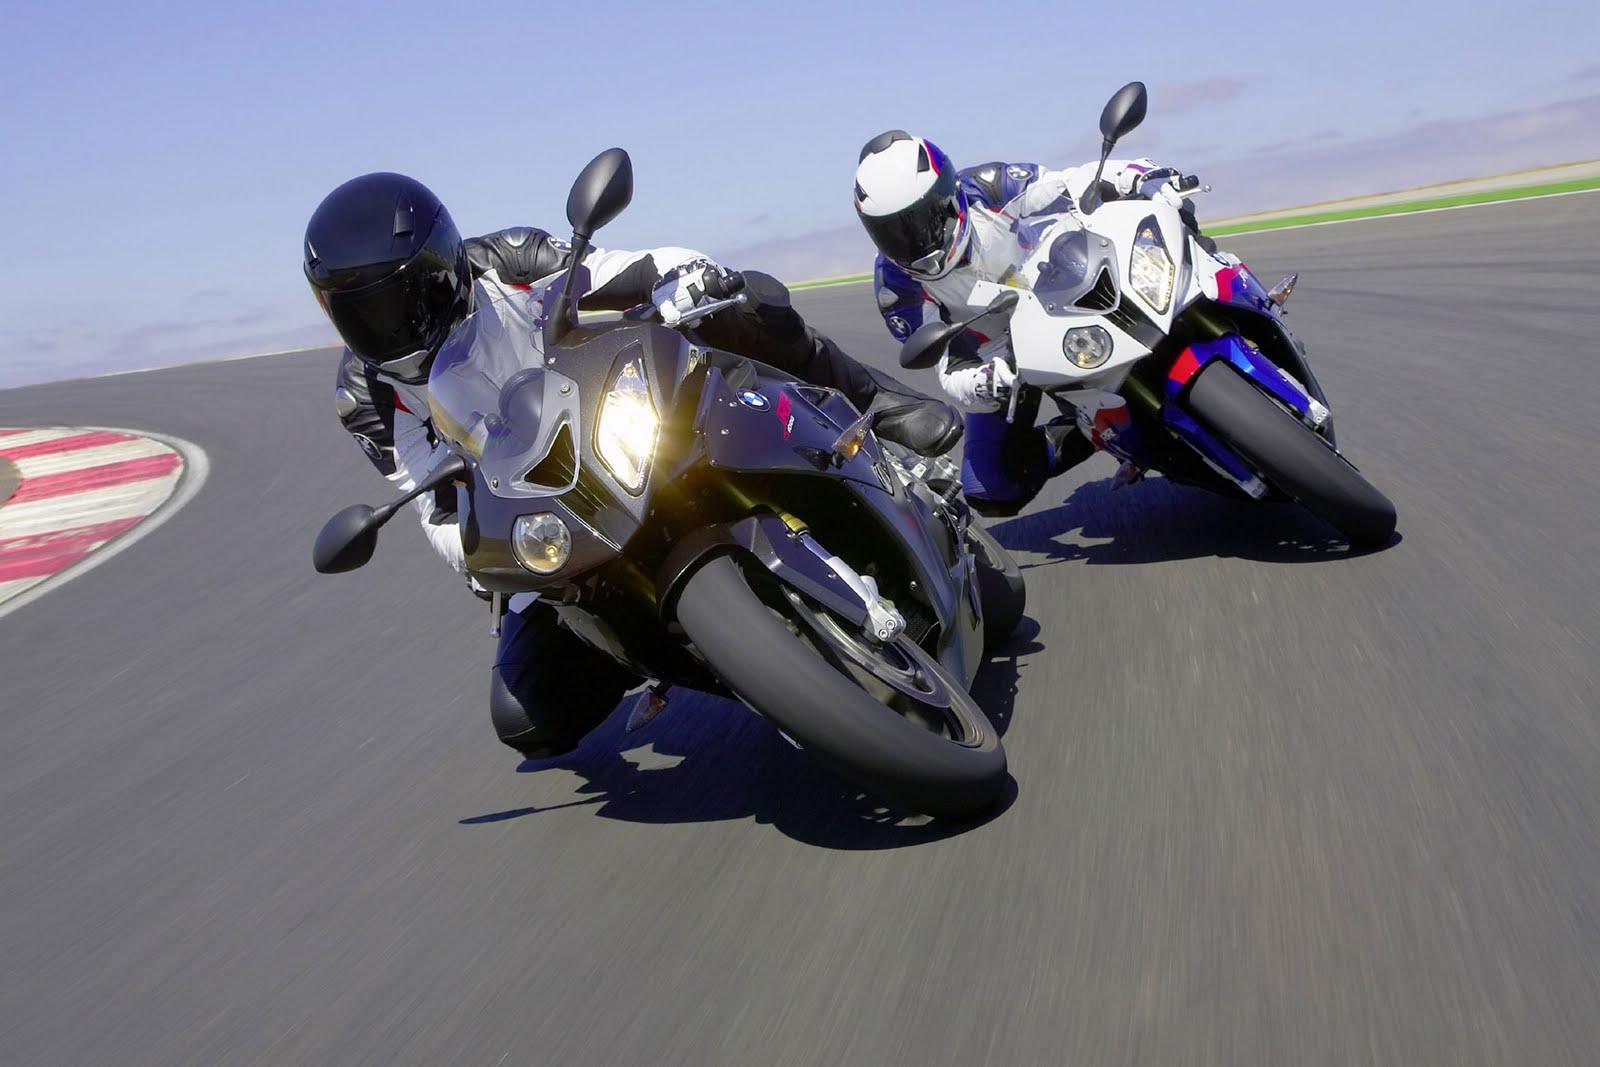 http://4.bp.blogspot.com/-Uq8mbousoIA/TeJ74DvT-KI/AAAAAAAAATQ/eiey2YzpOXY/s1600/2010-BMW-S1000RR-Test-Ride2.jpg